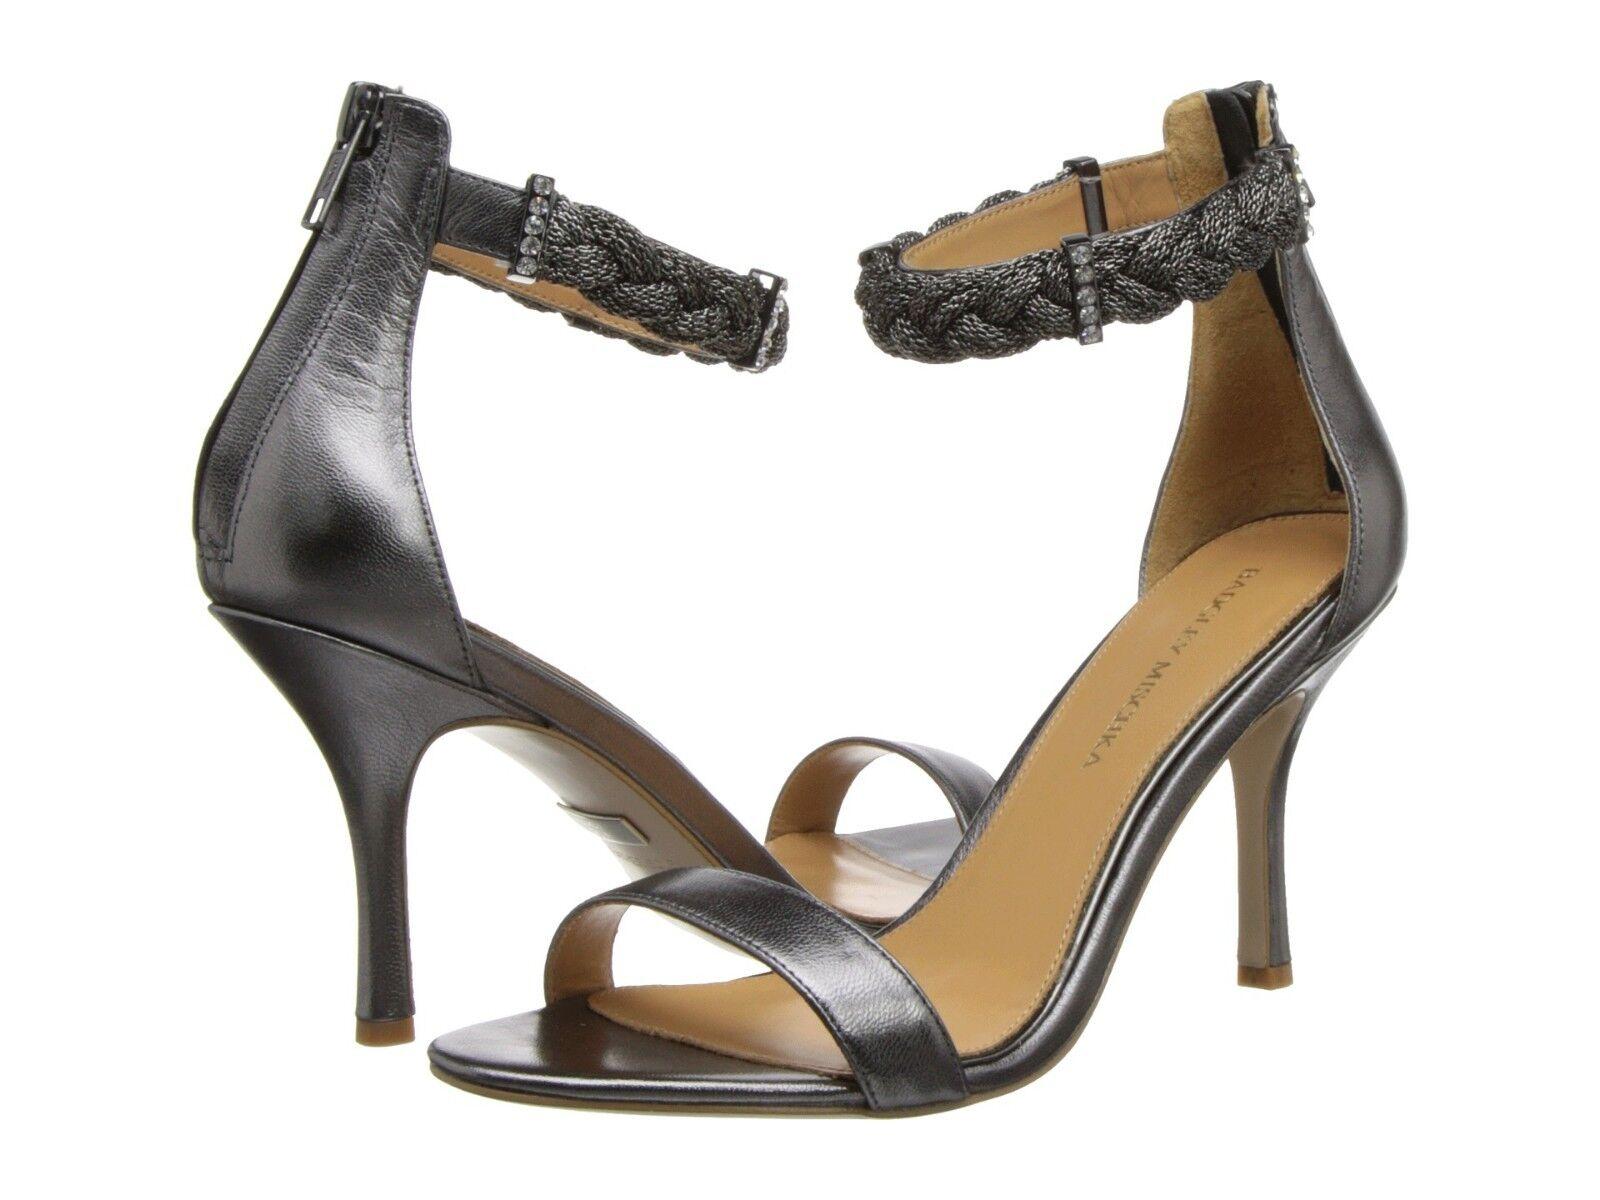 Badgley Mischka Hawthorne Ankle Strap Sandals 8.5M  225